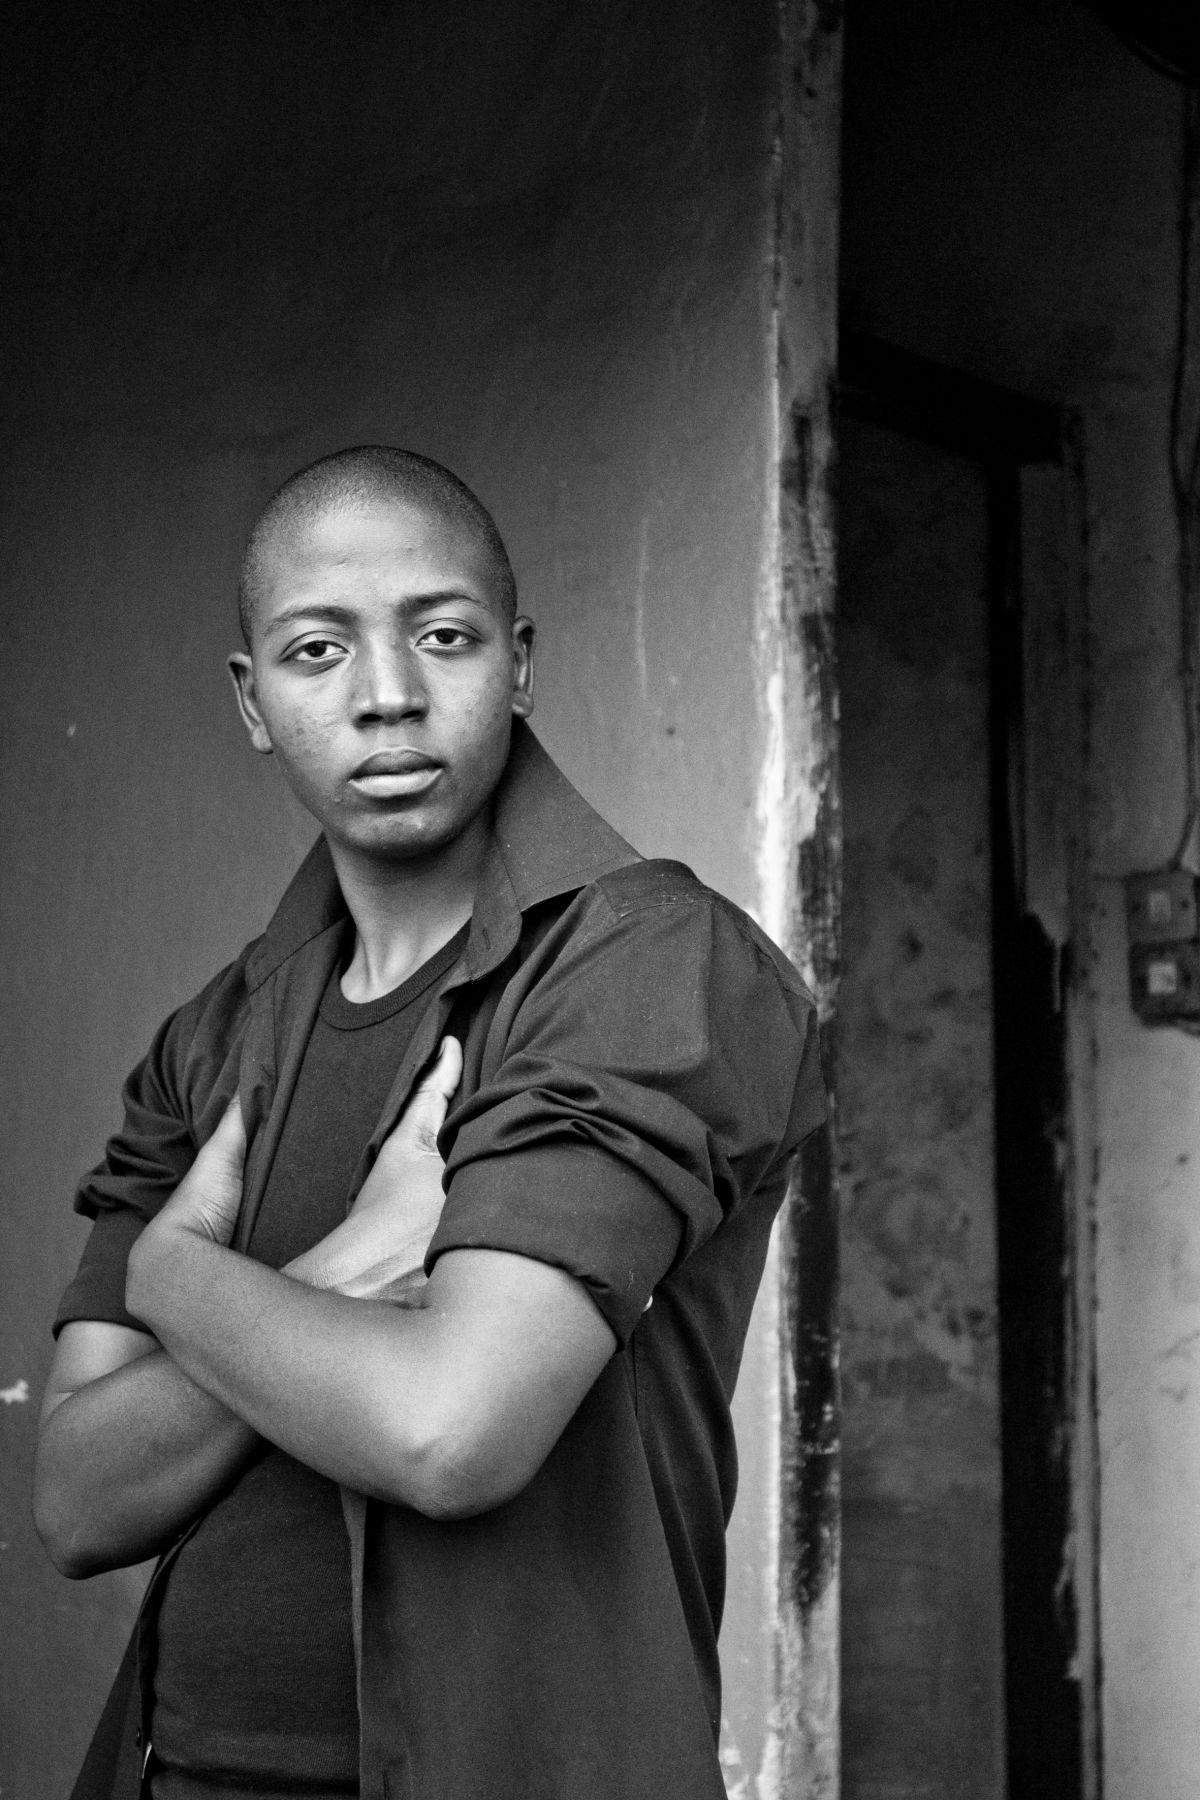 Mayita Tamangani, Harare, Zimbabwe,2011, From the Series Faces and Phases.